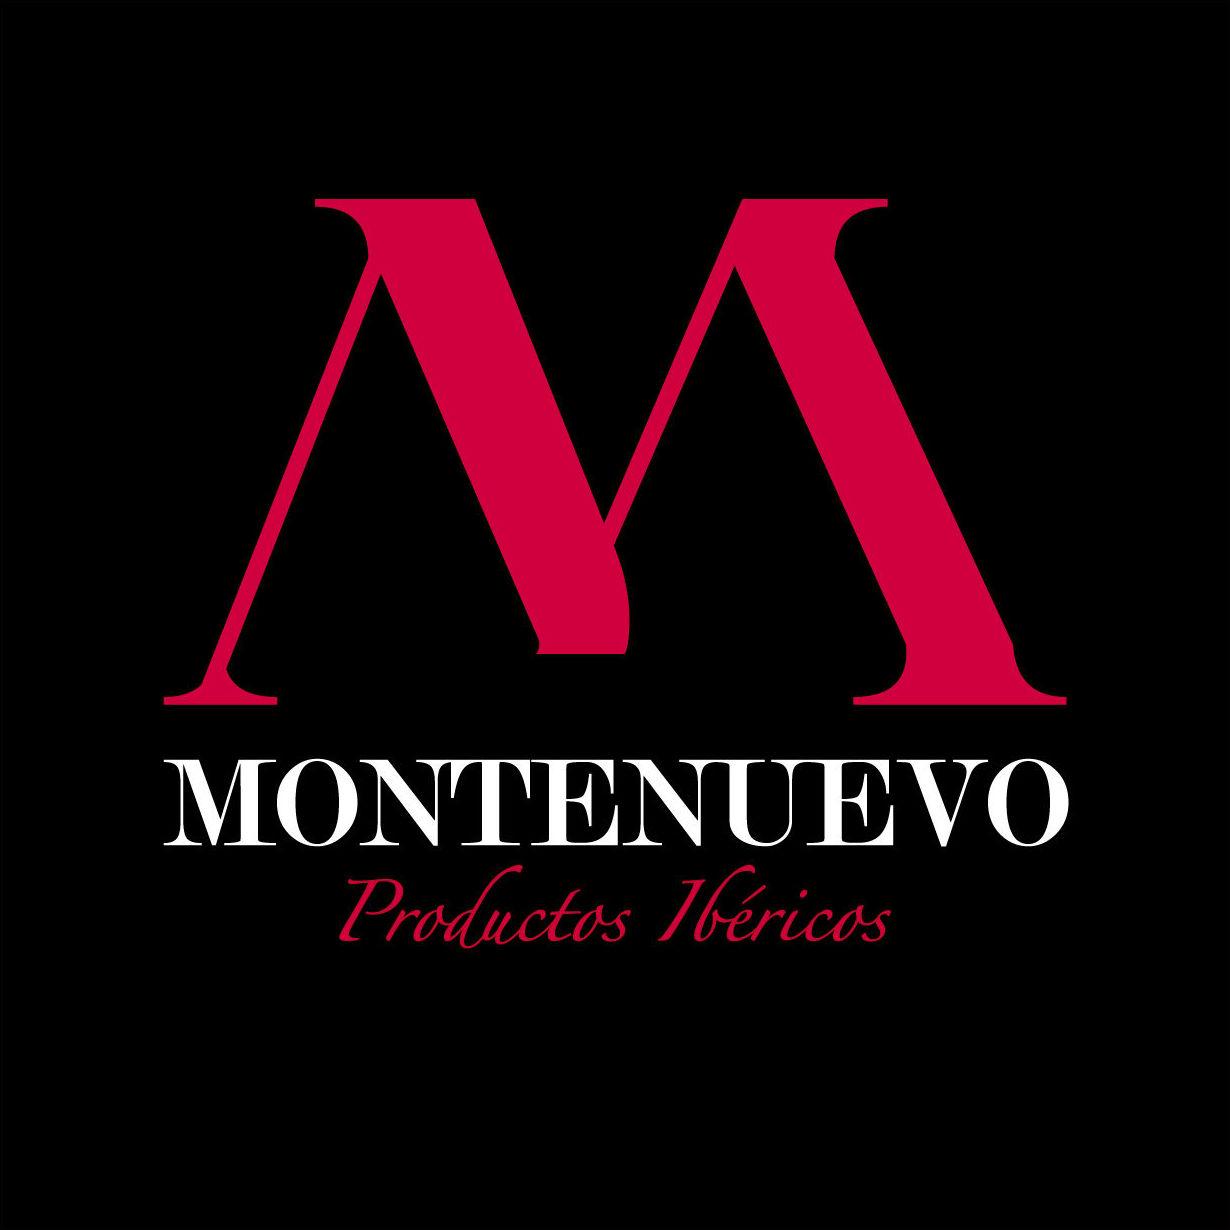 Jamones Montenuevo